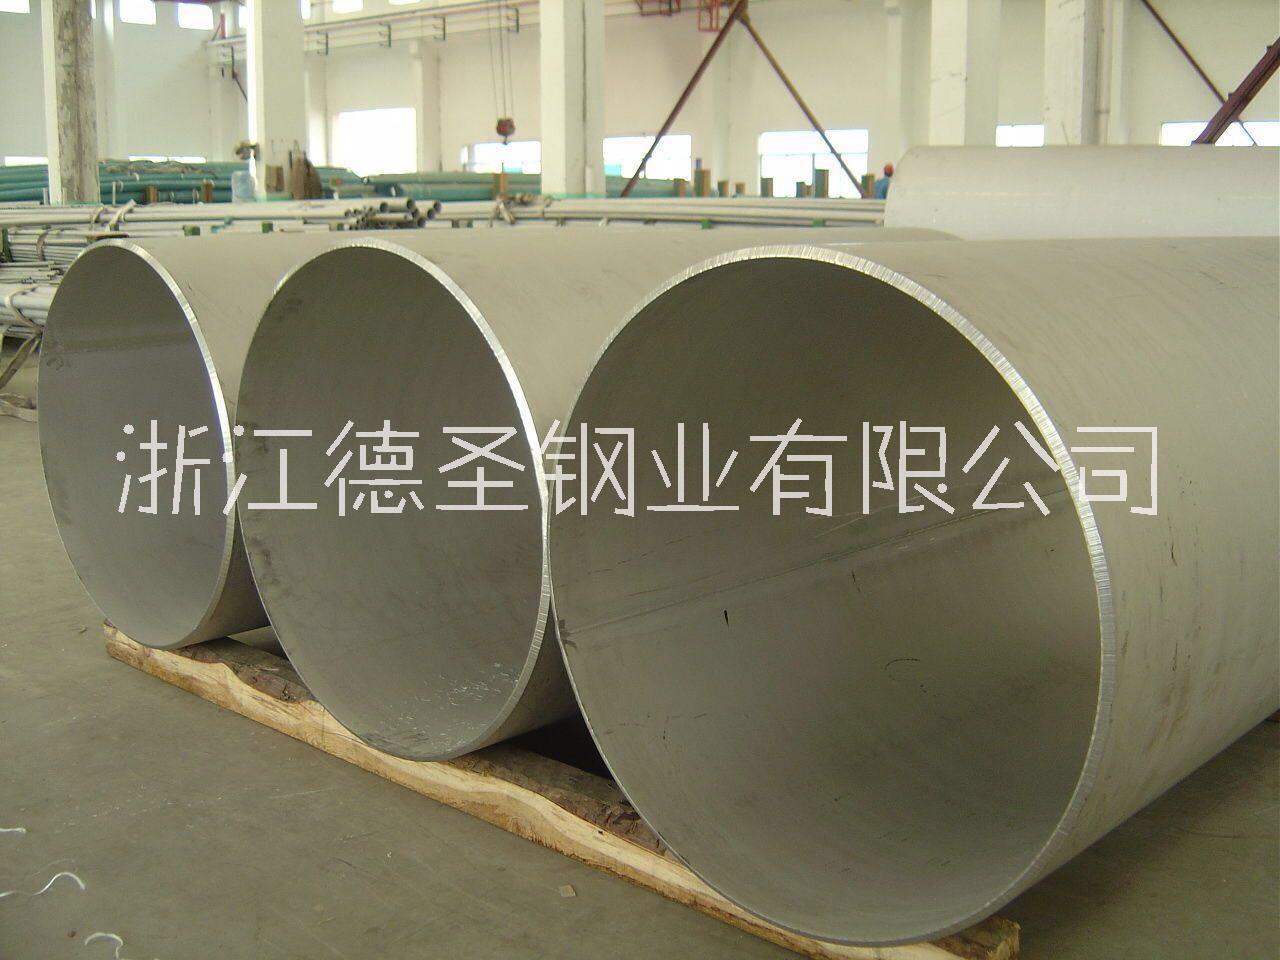 大口径不锈钢工业焊管生产厂家直销-定制批发价